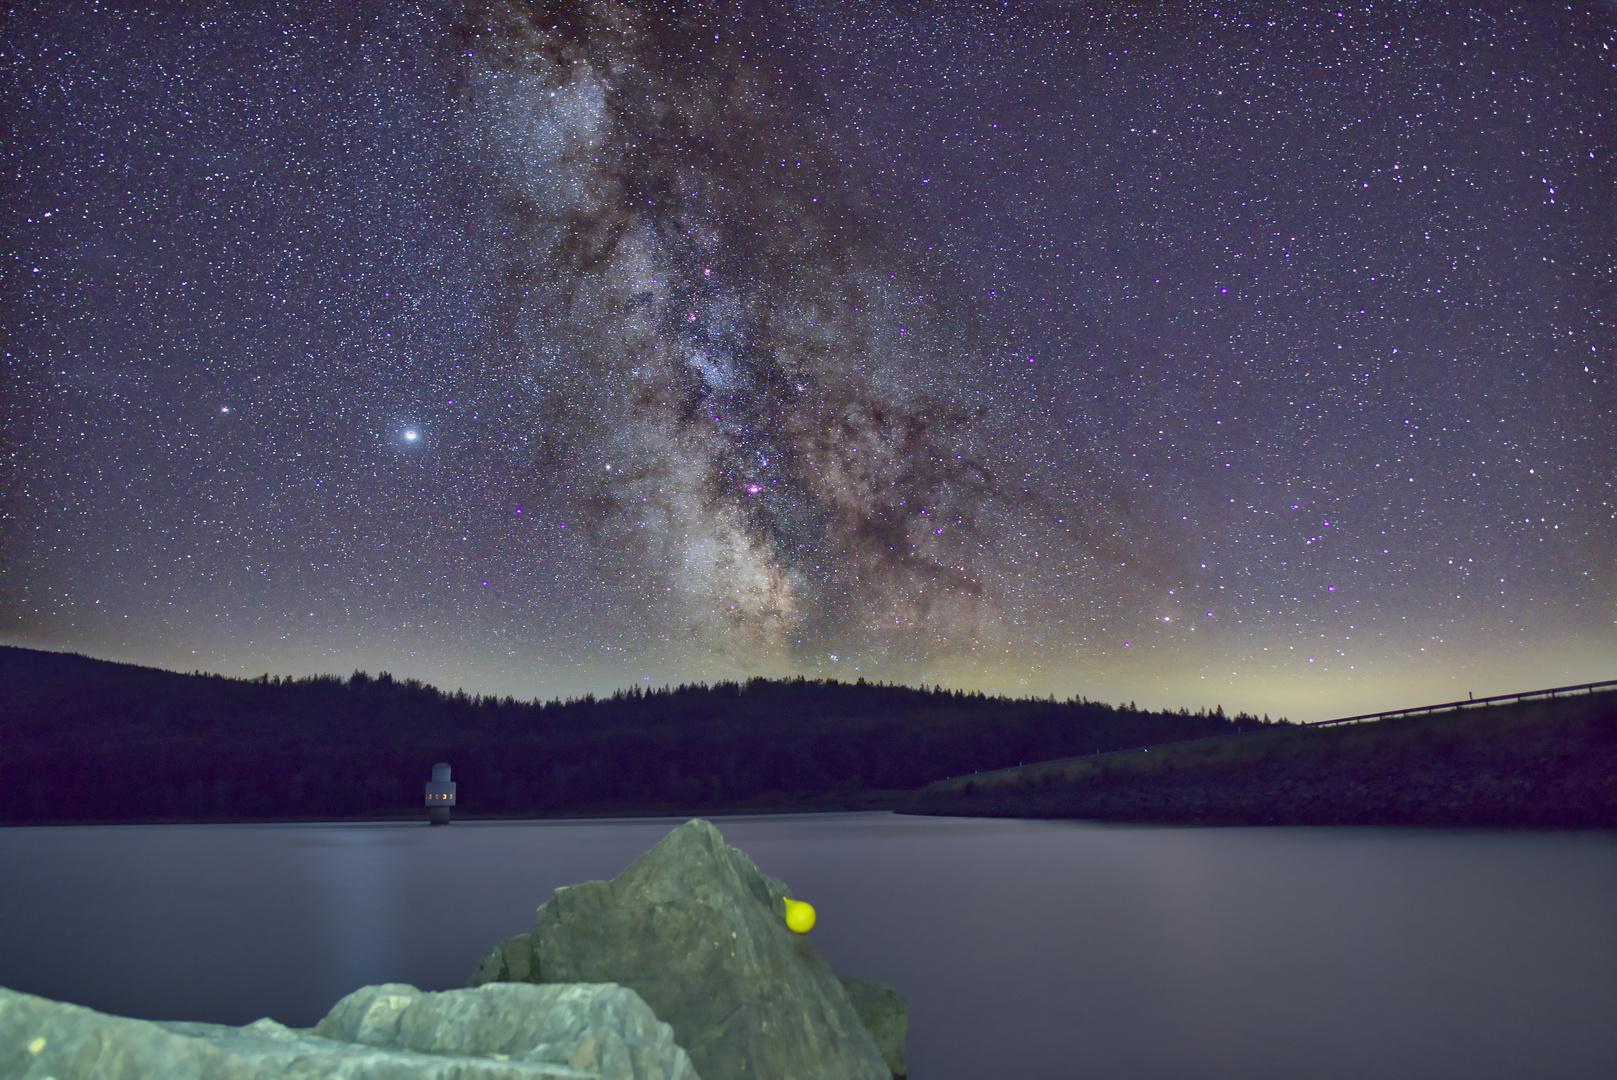 Milchstraße über Talsperre